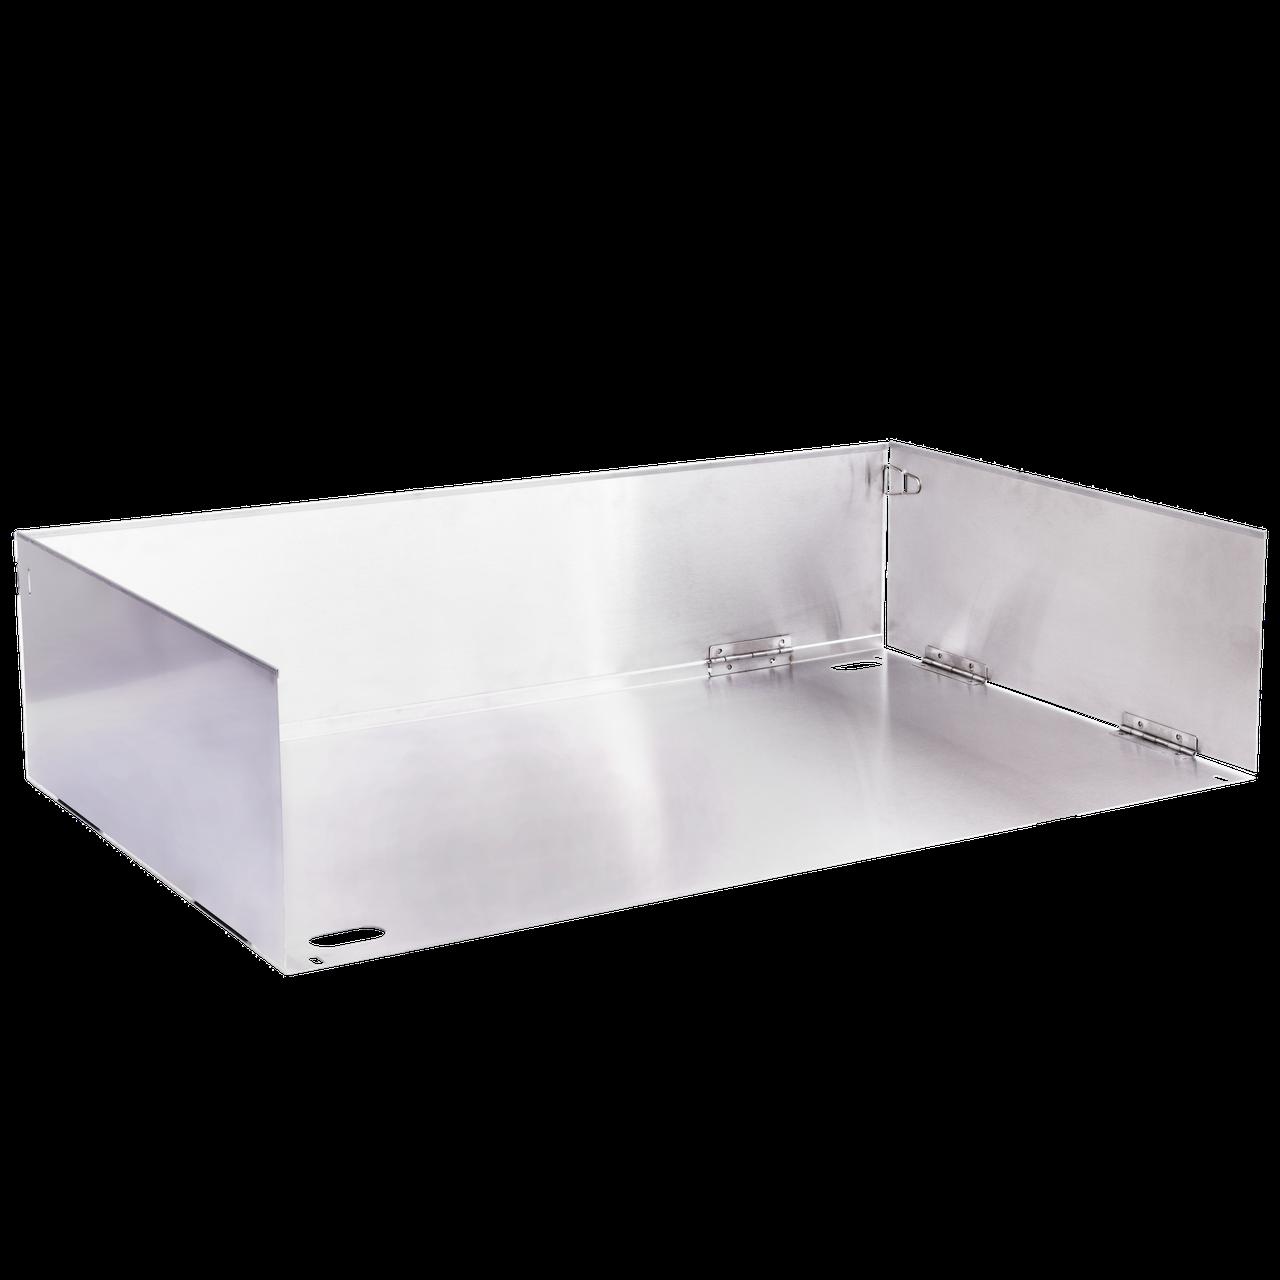 Термоизоляция для встроенного гриля SABER® с 4 конфорками